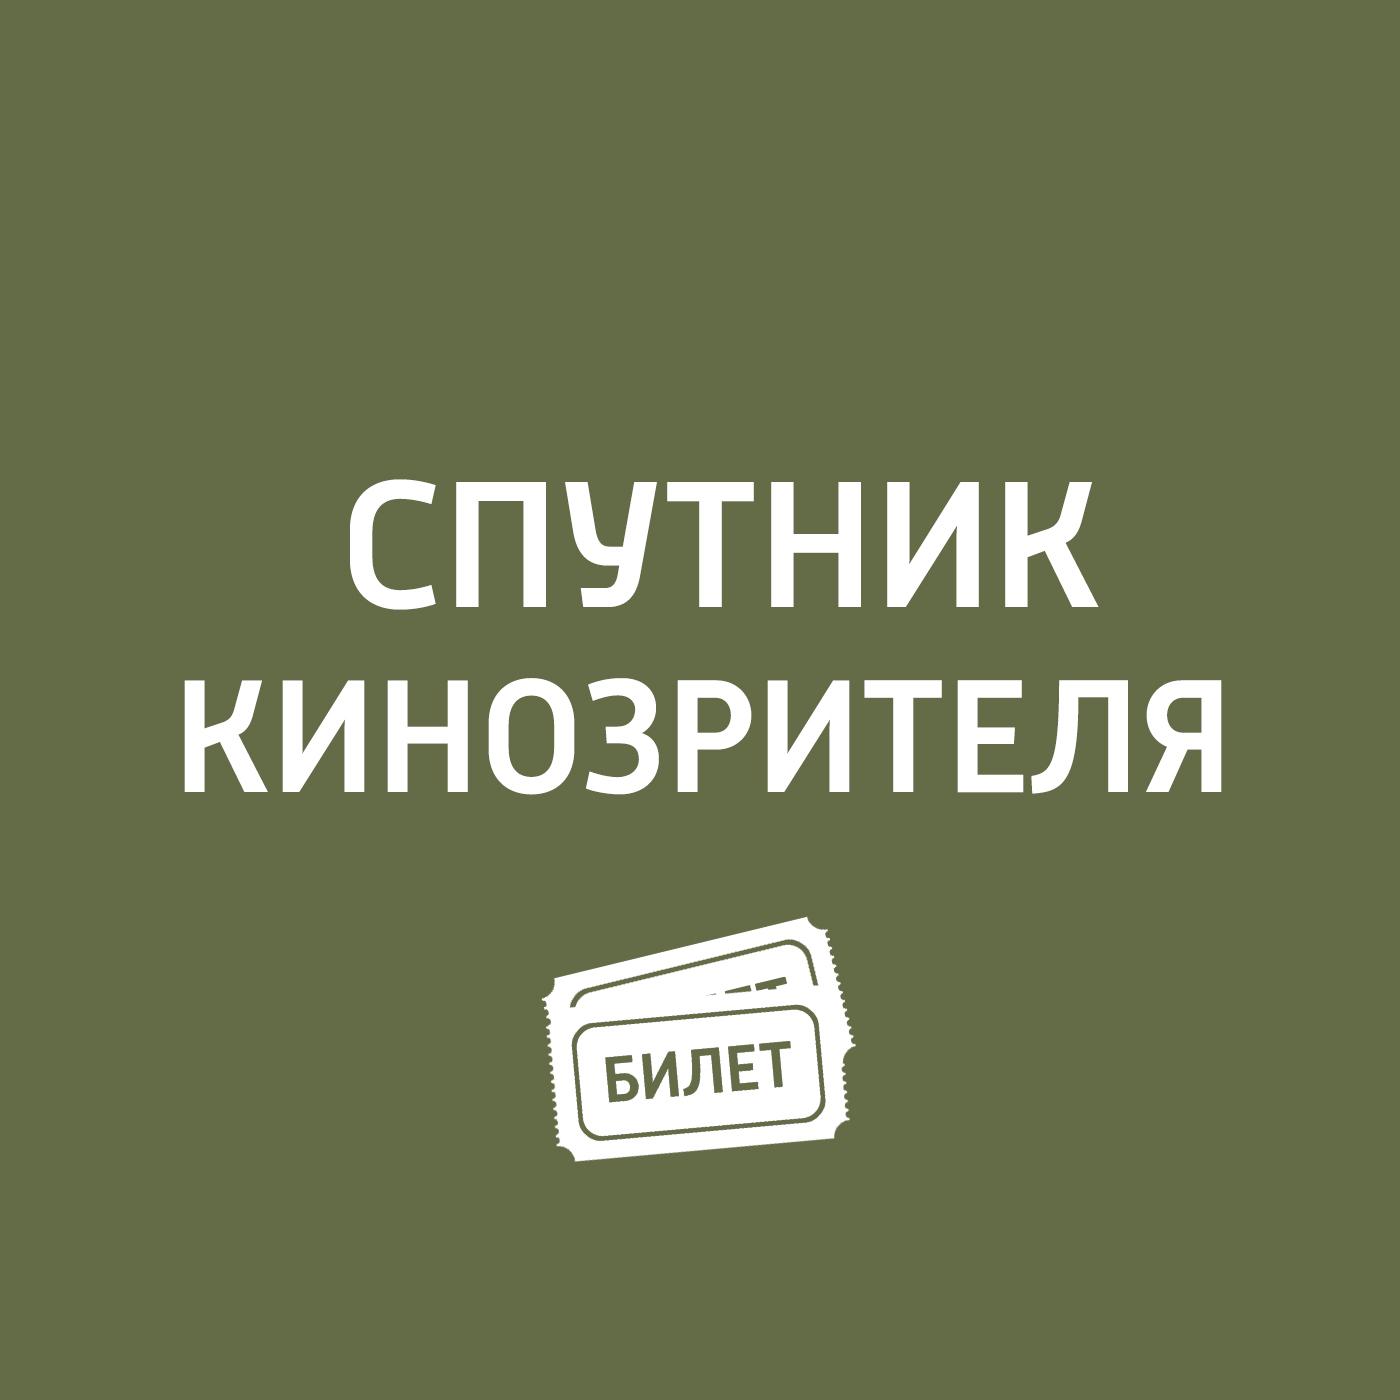 Антон Долин Человек из стали, «Университет монстров цена